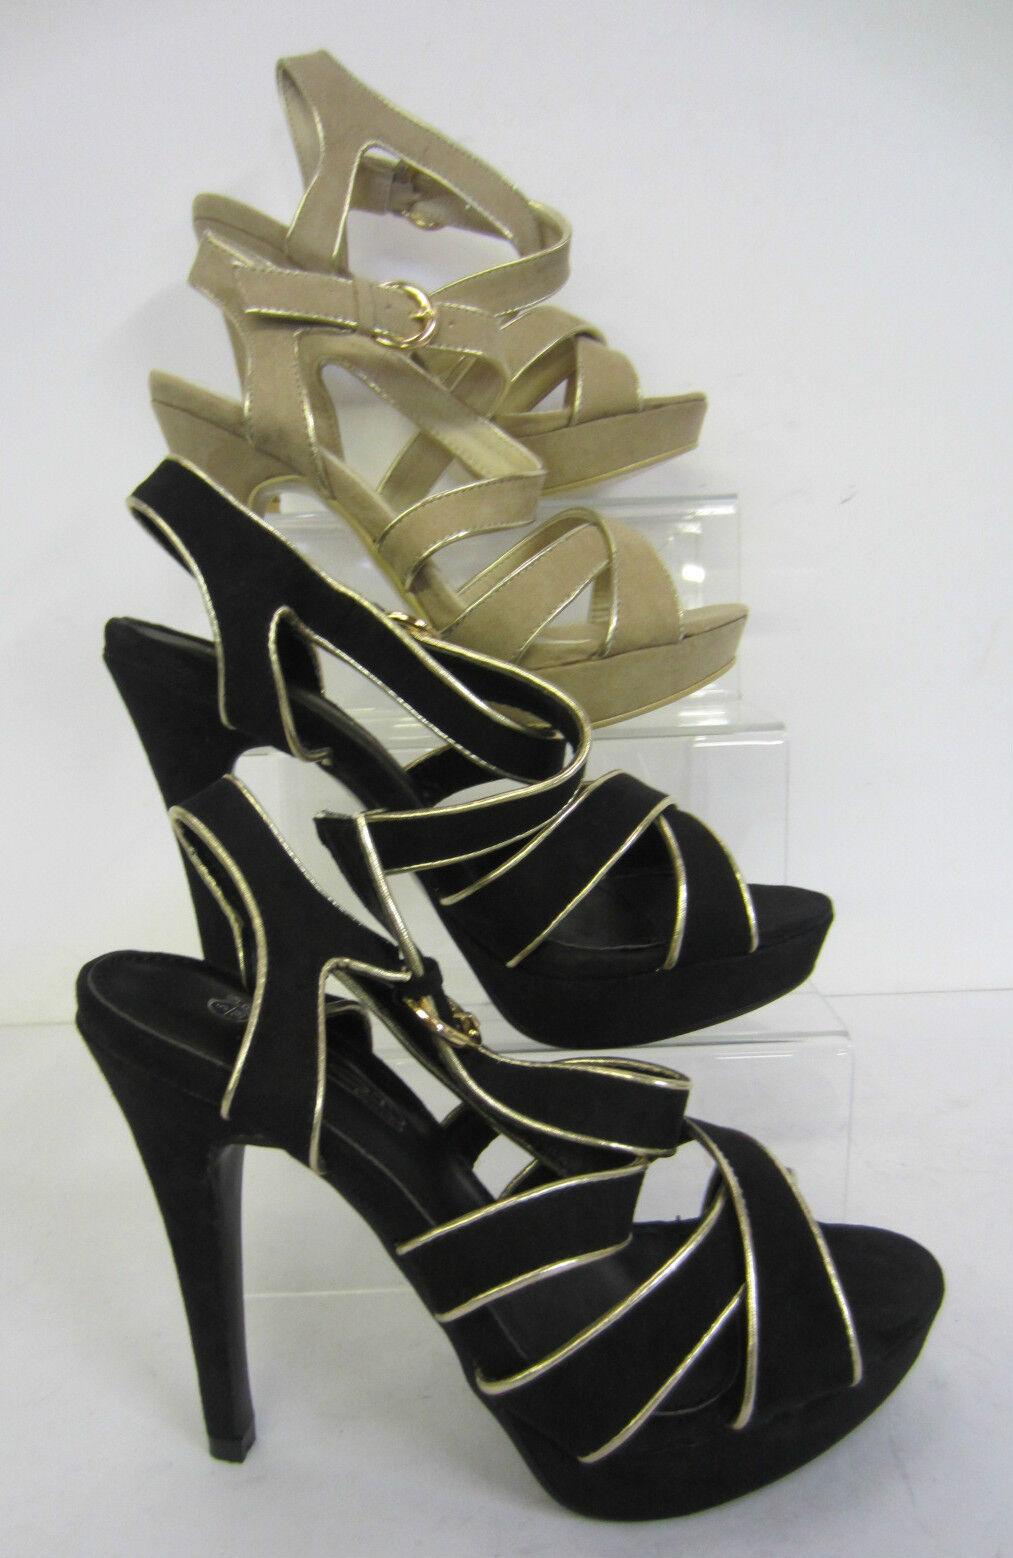 f10149- Spot On ; donna con tacchi sandali punta aperta! COLORI- Nero,color